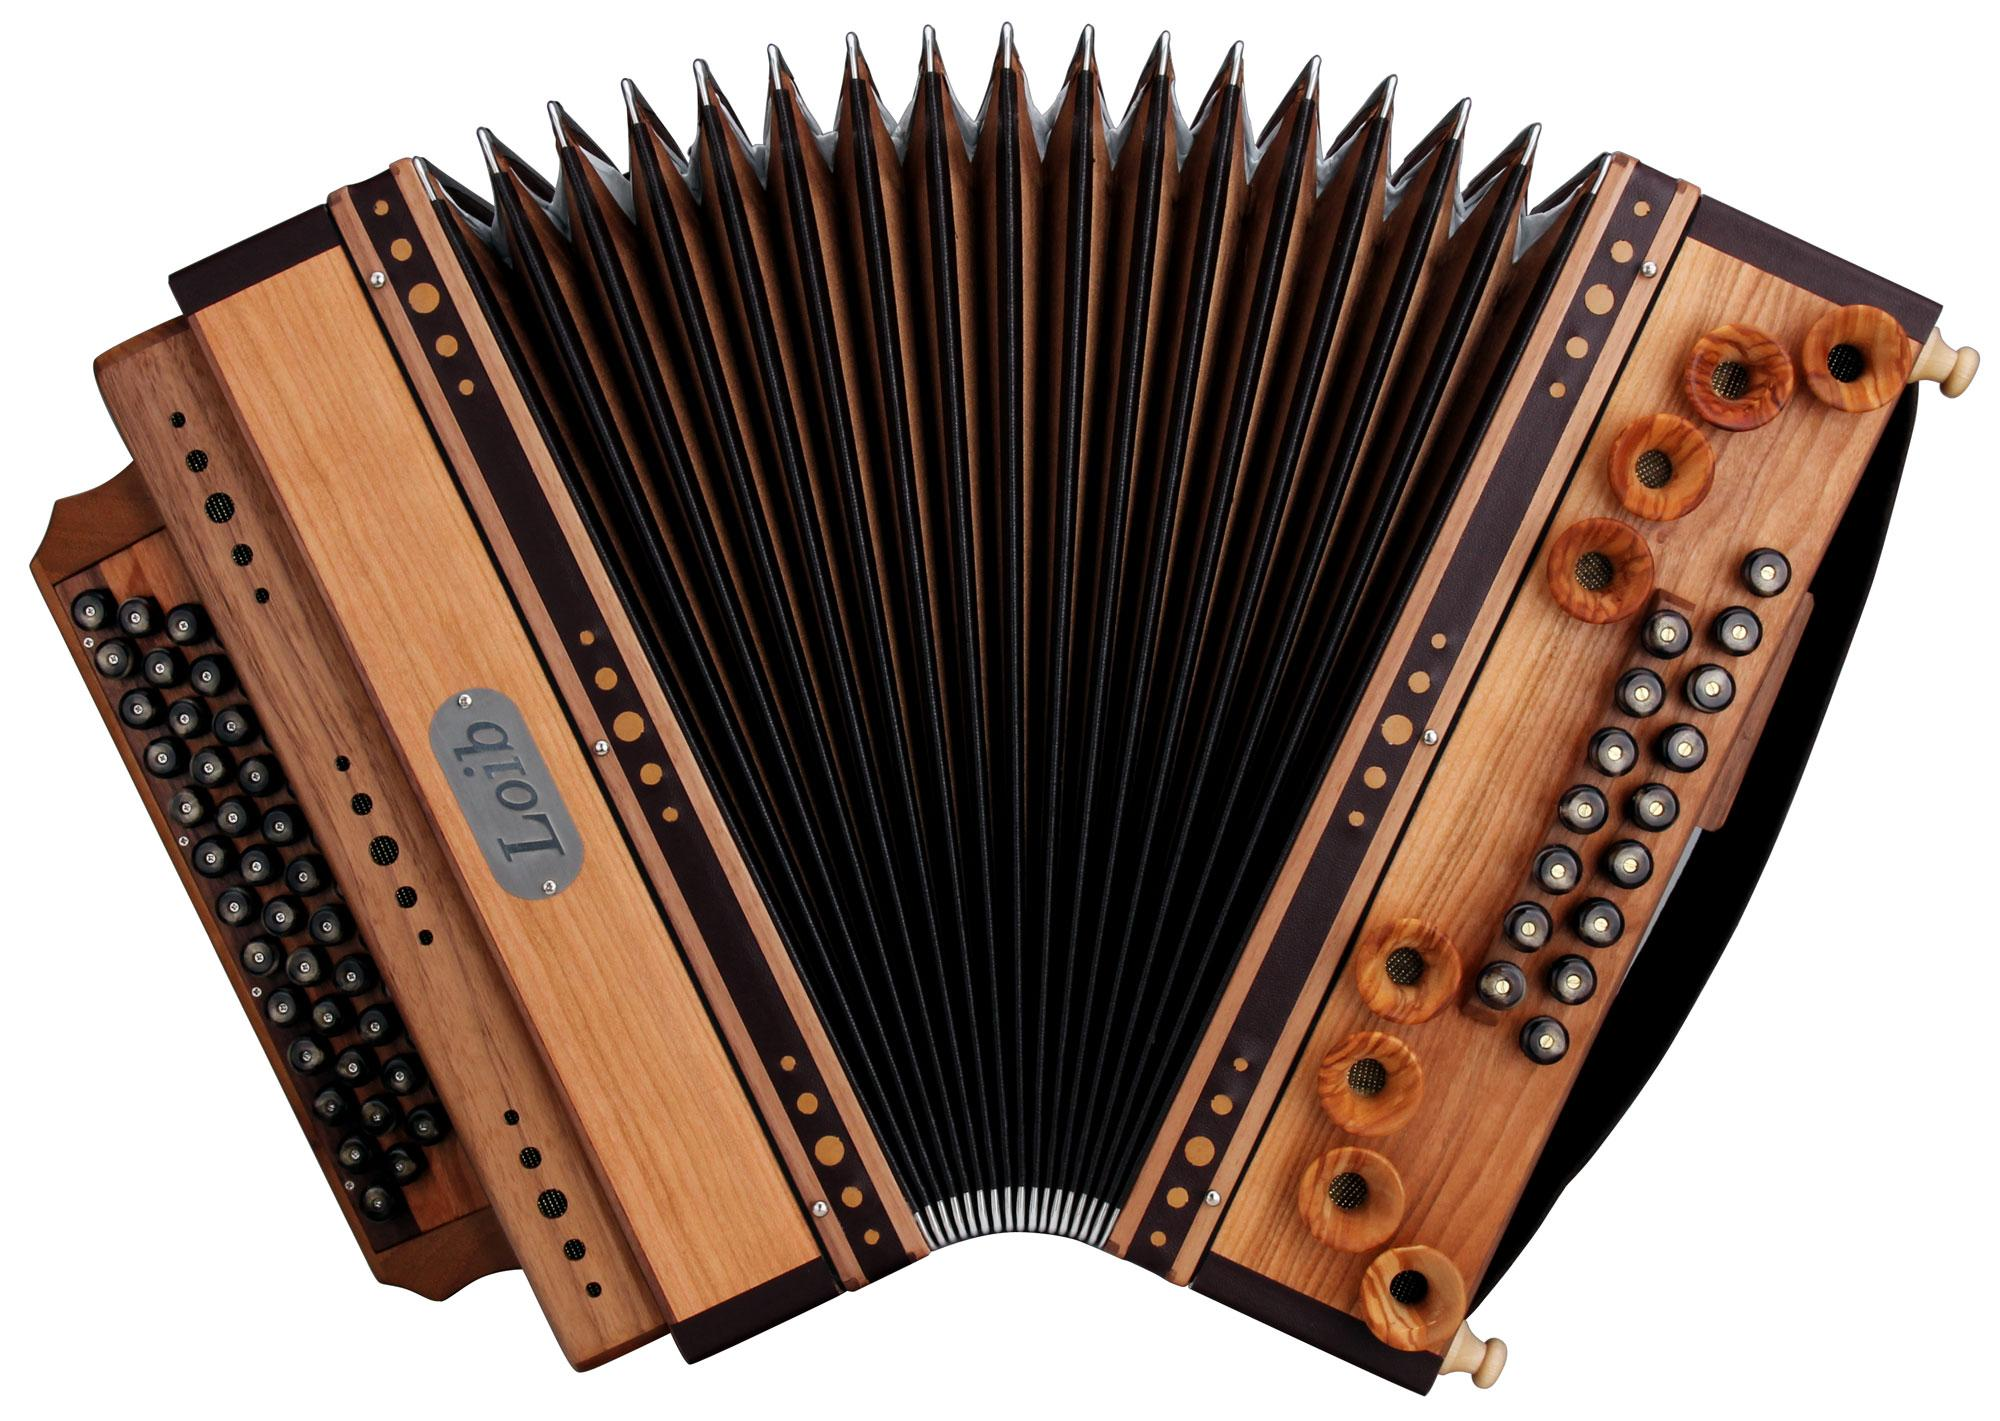 Loib Harmonika IVD Kirsche|Nuss G C F B H Bass X Bass Holzverdeck